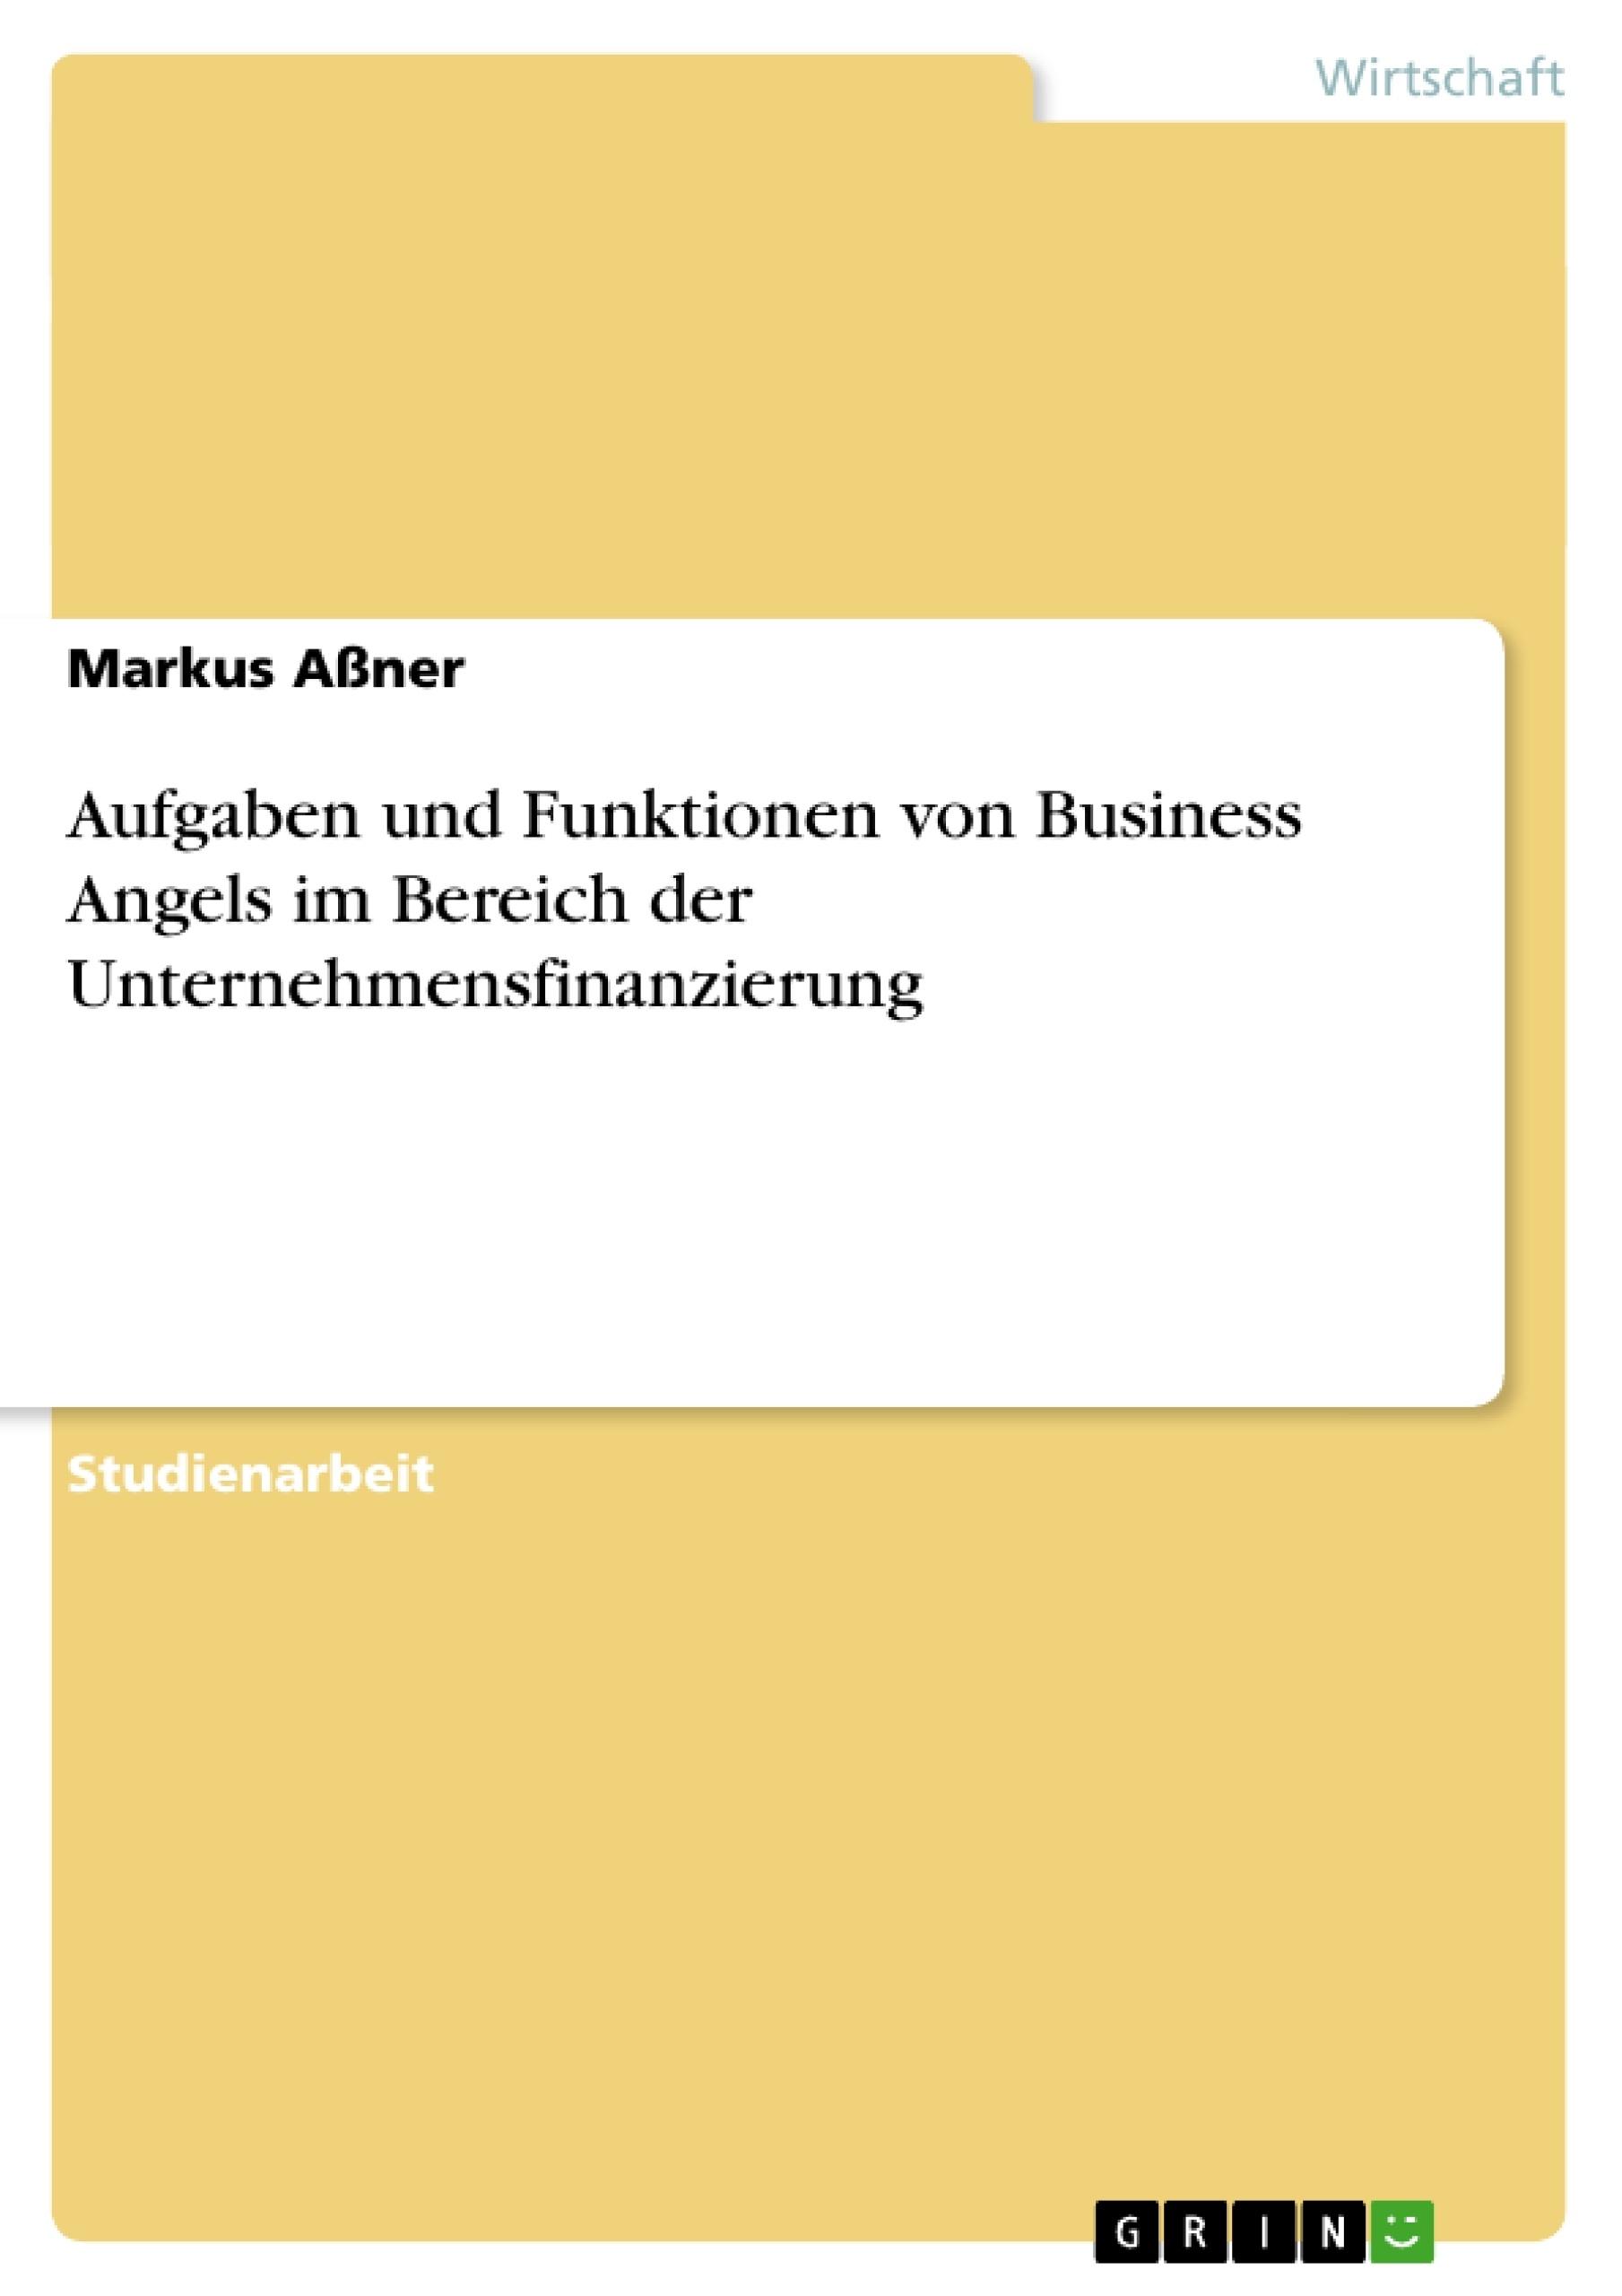 Titel: Aufgaben und Funktionen von Business Angels im Bereich der Unternehmensfinanzierung